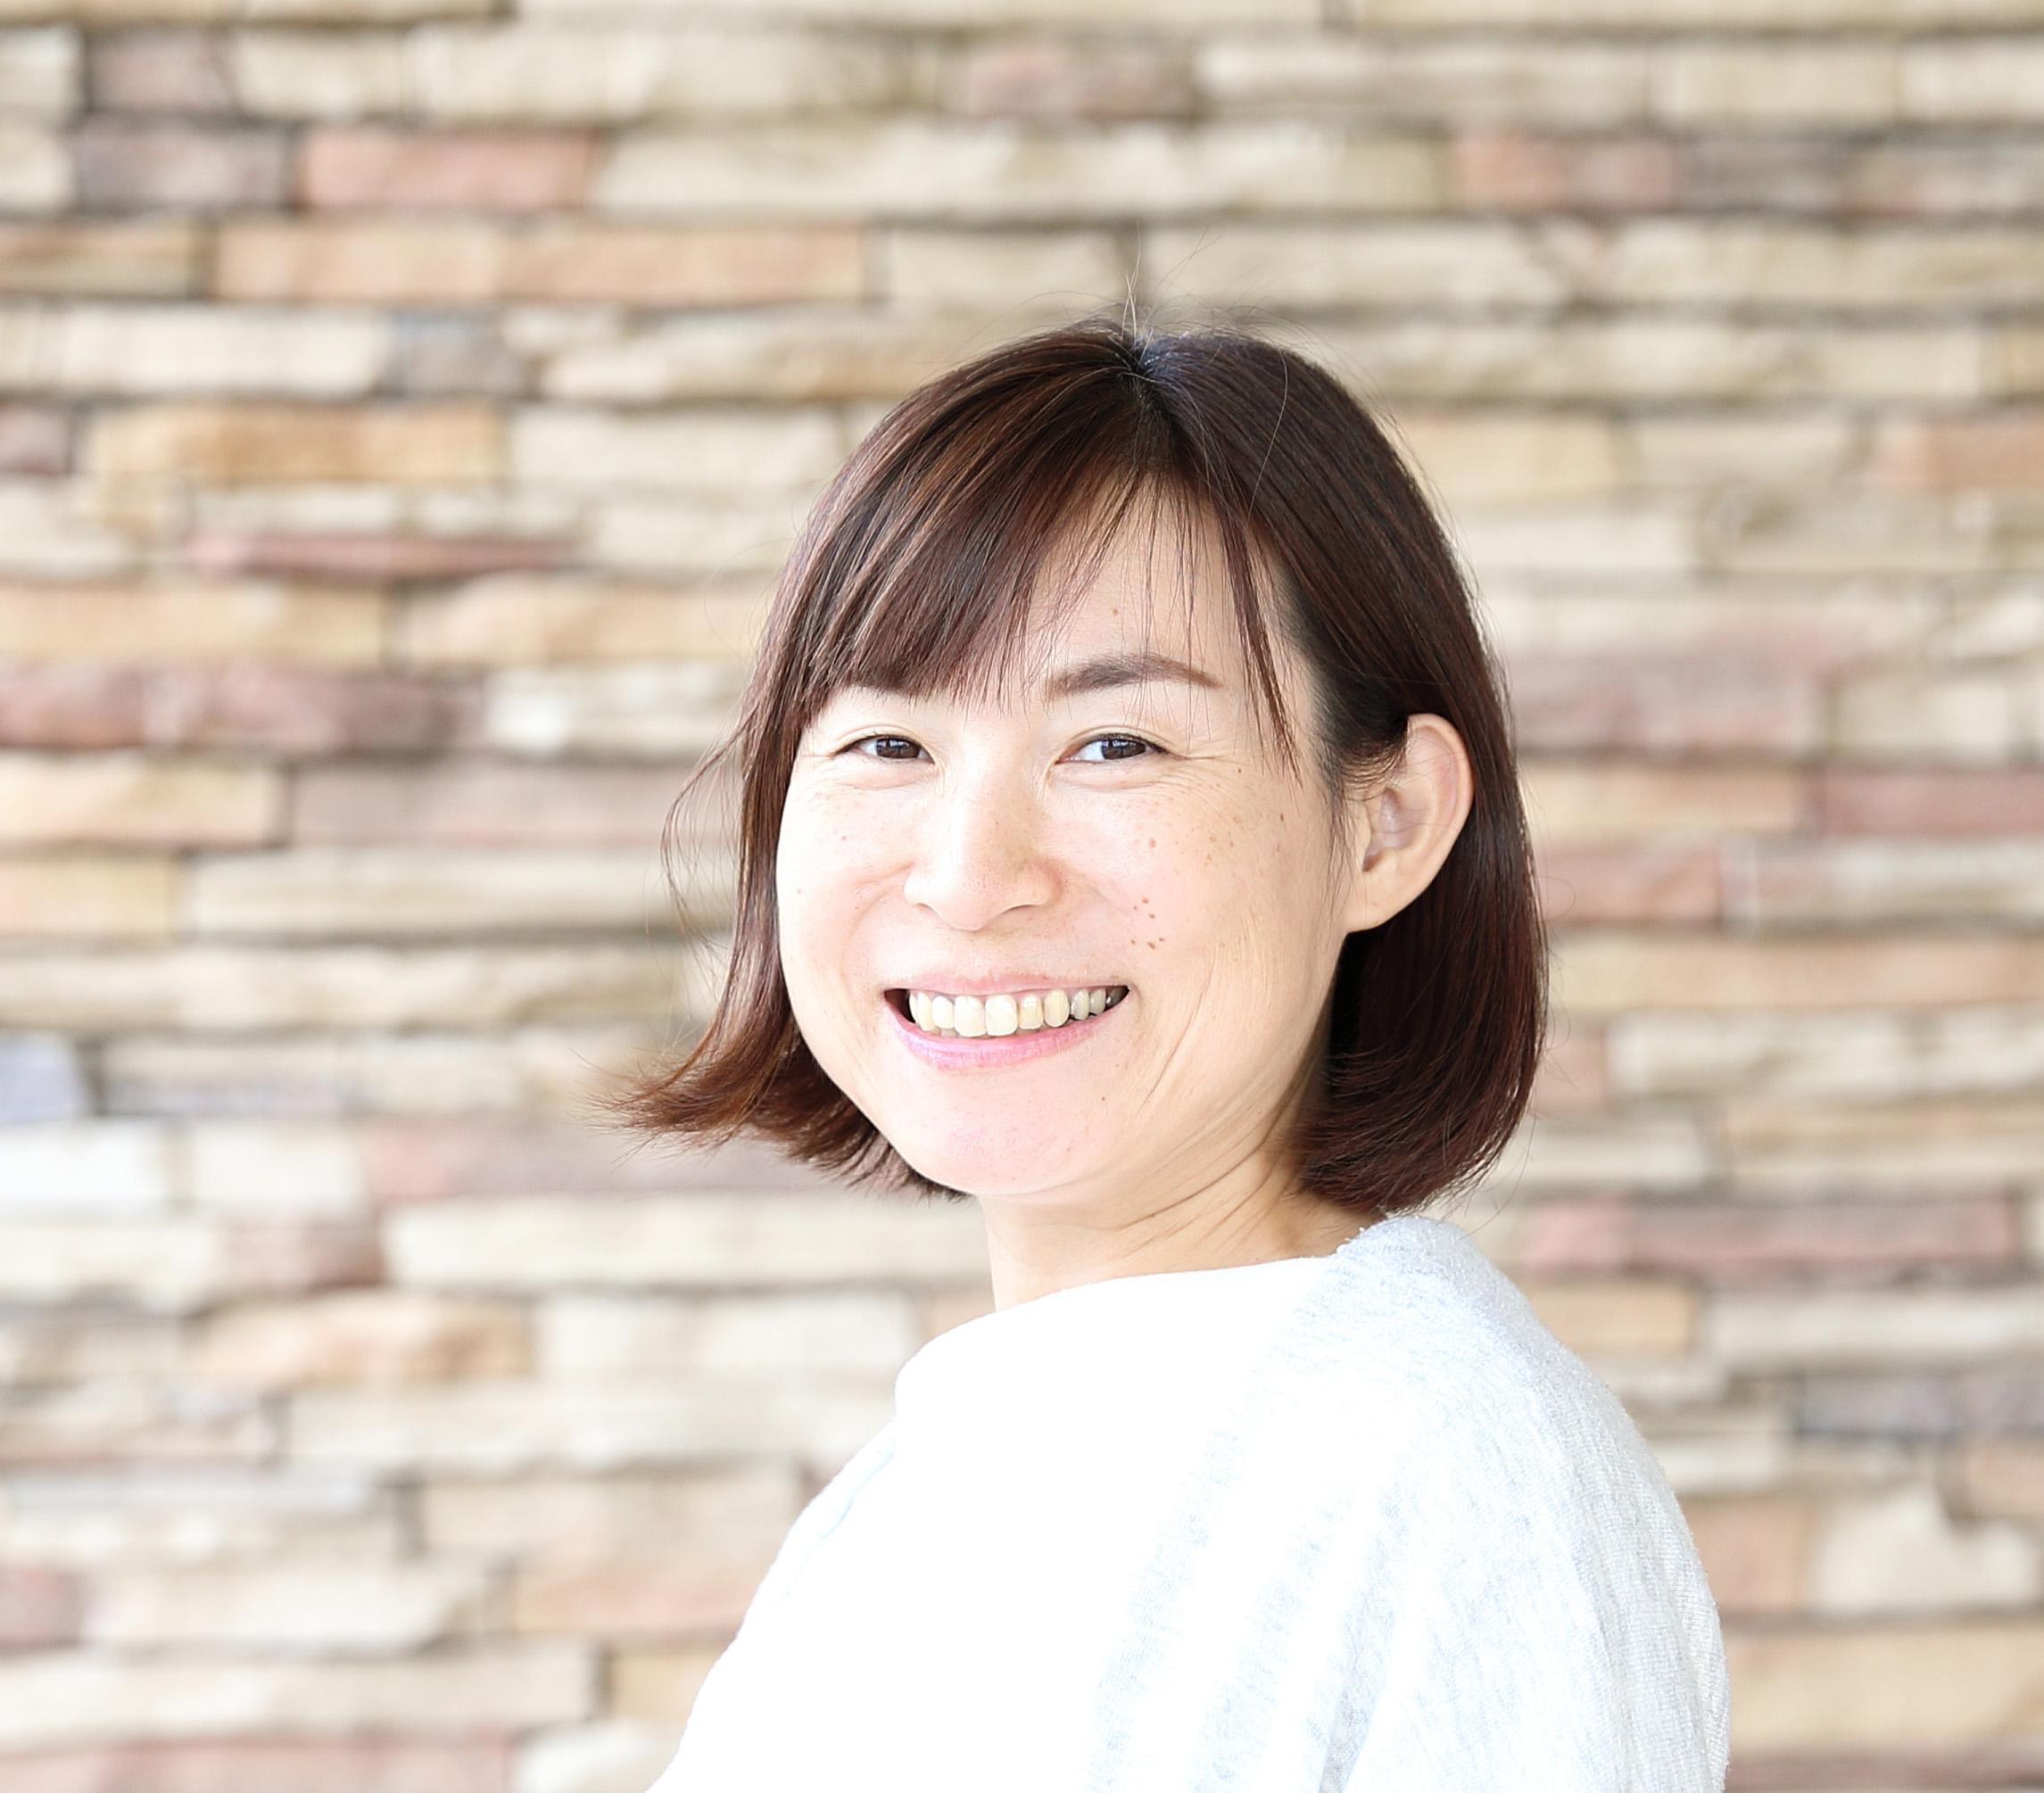 コトバ to デザイン コピーライター&デザイナー 徳光千春